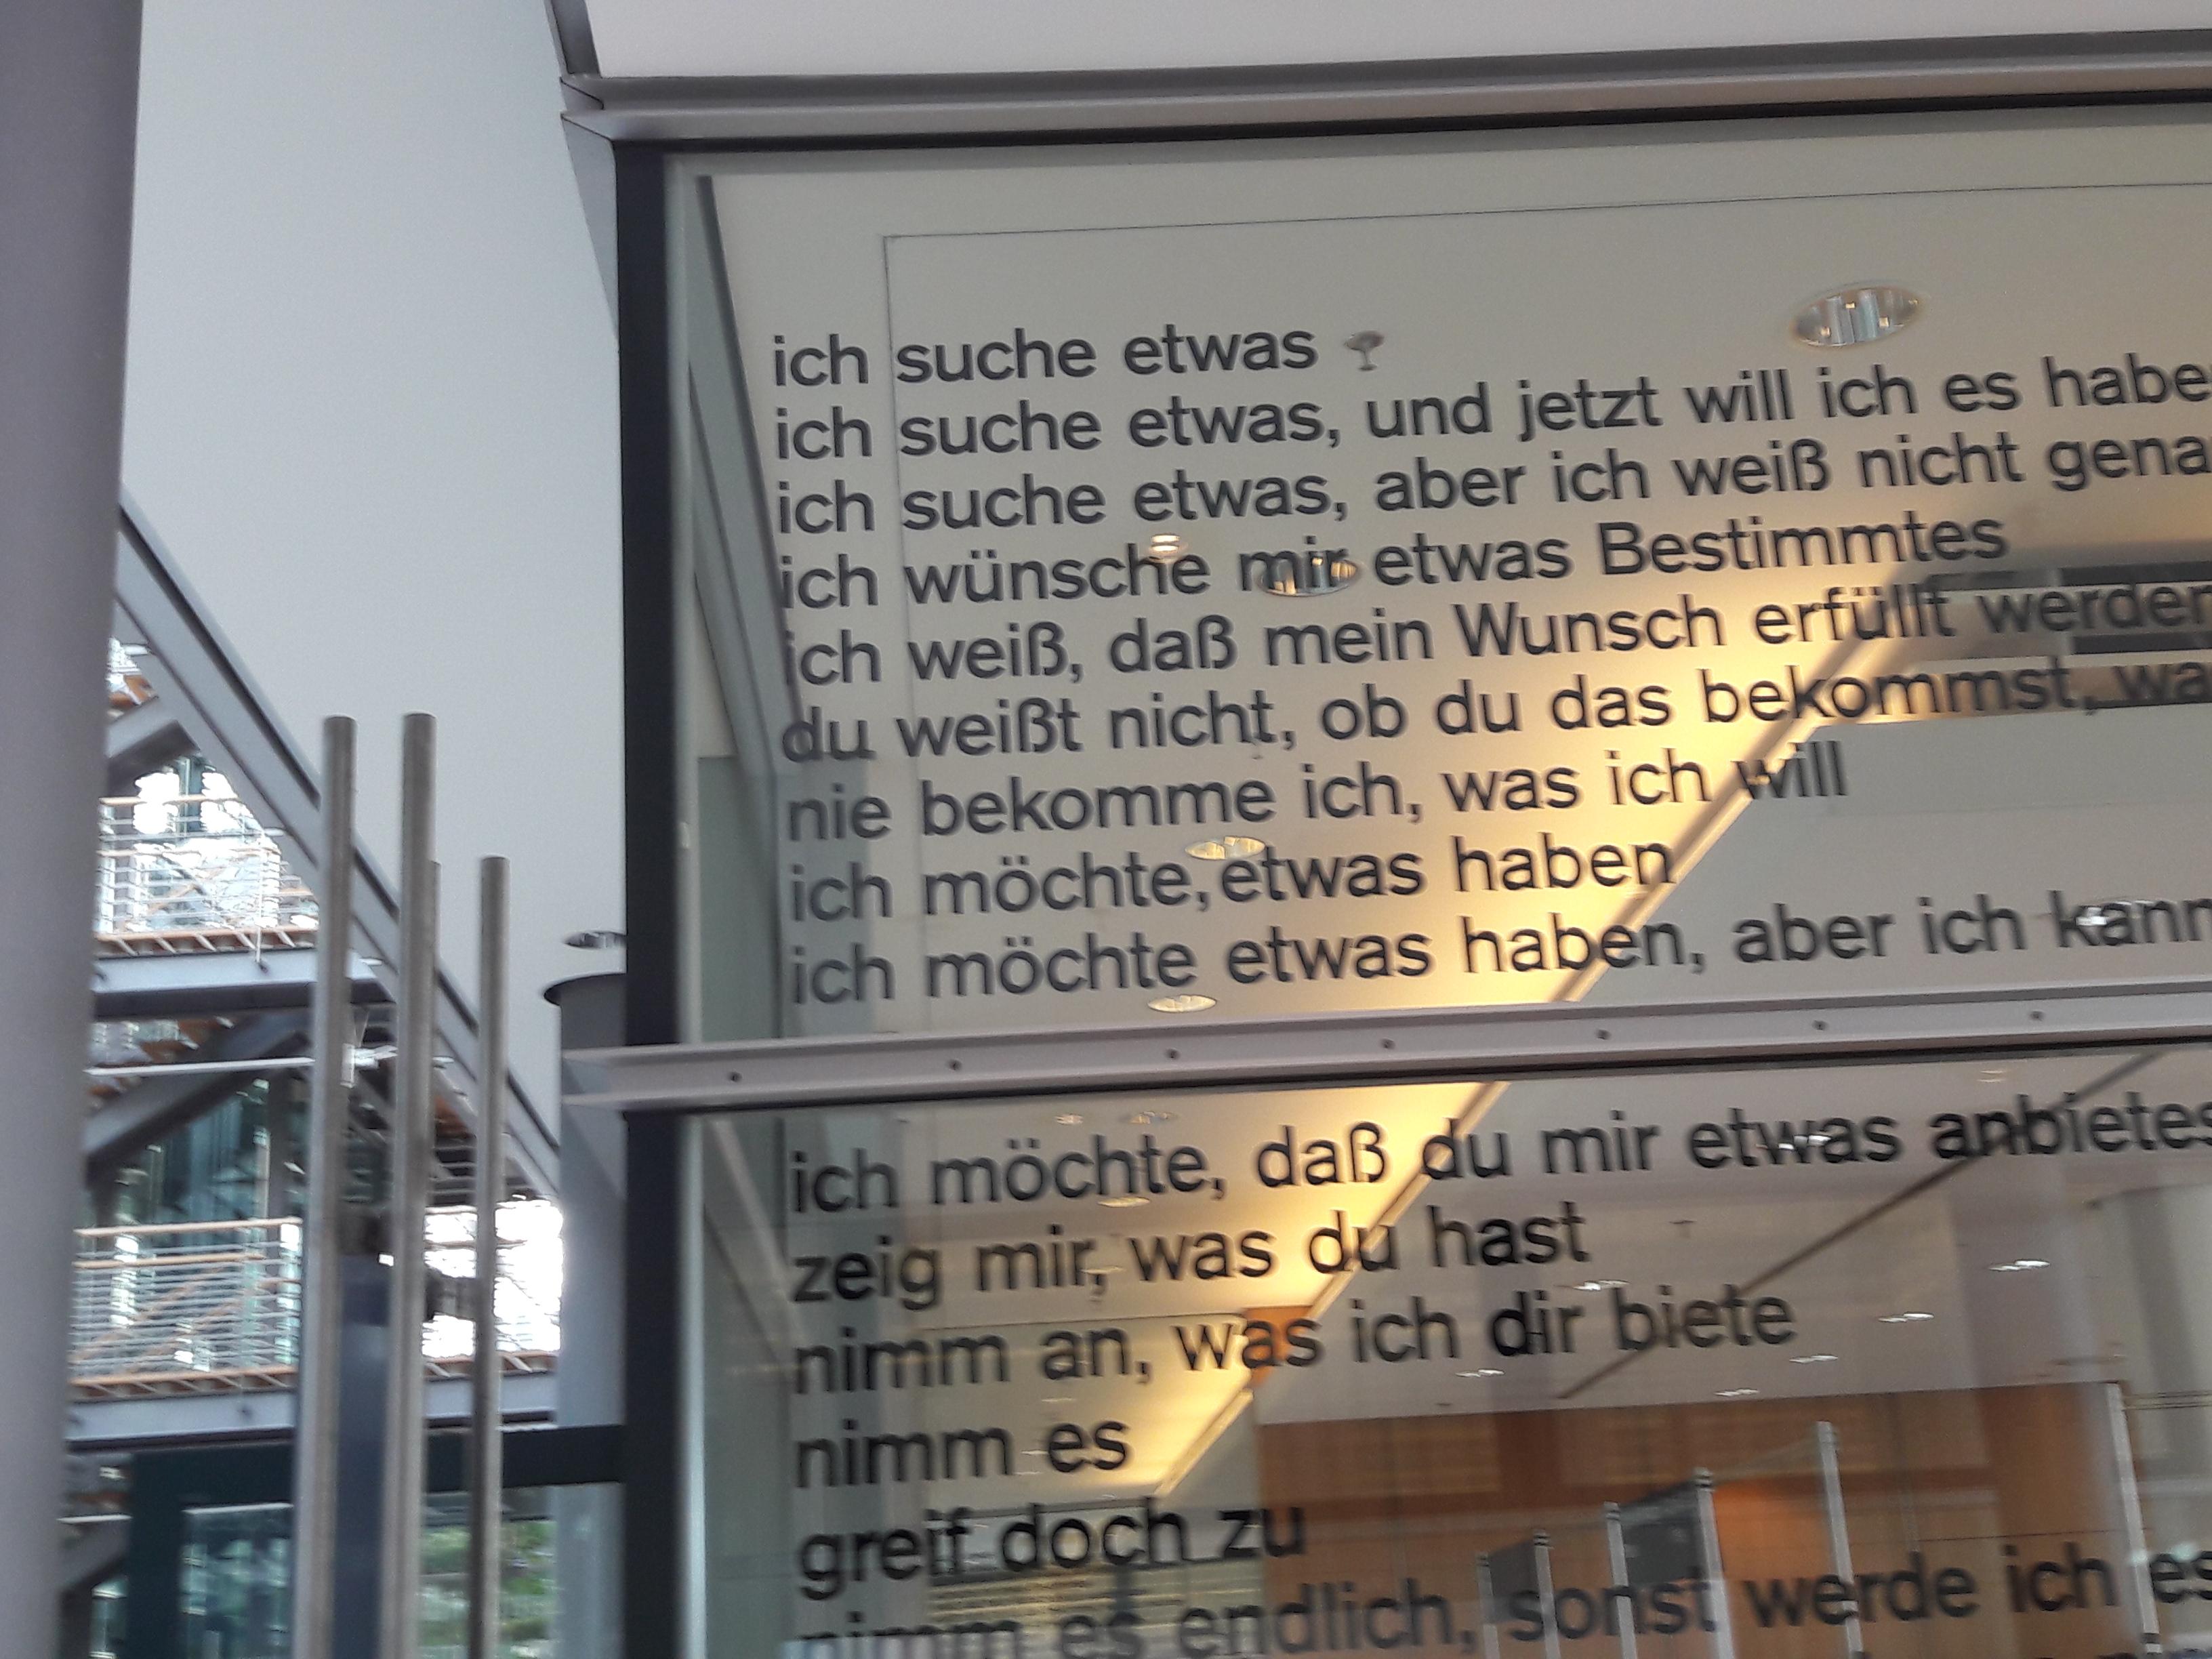 Gedicht an der Glaswand des Pressezentrums.